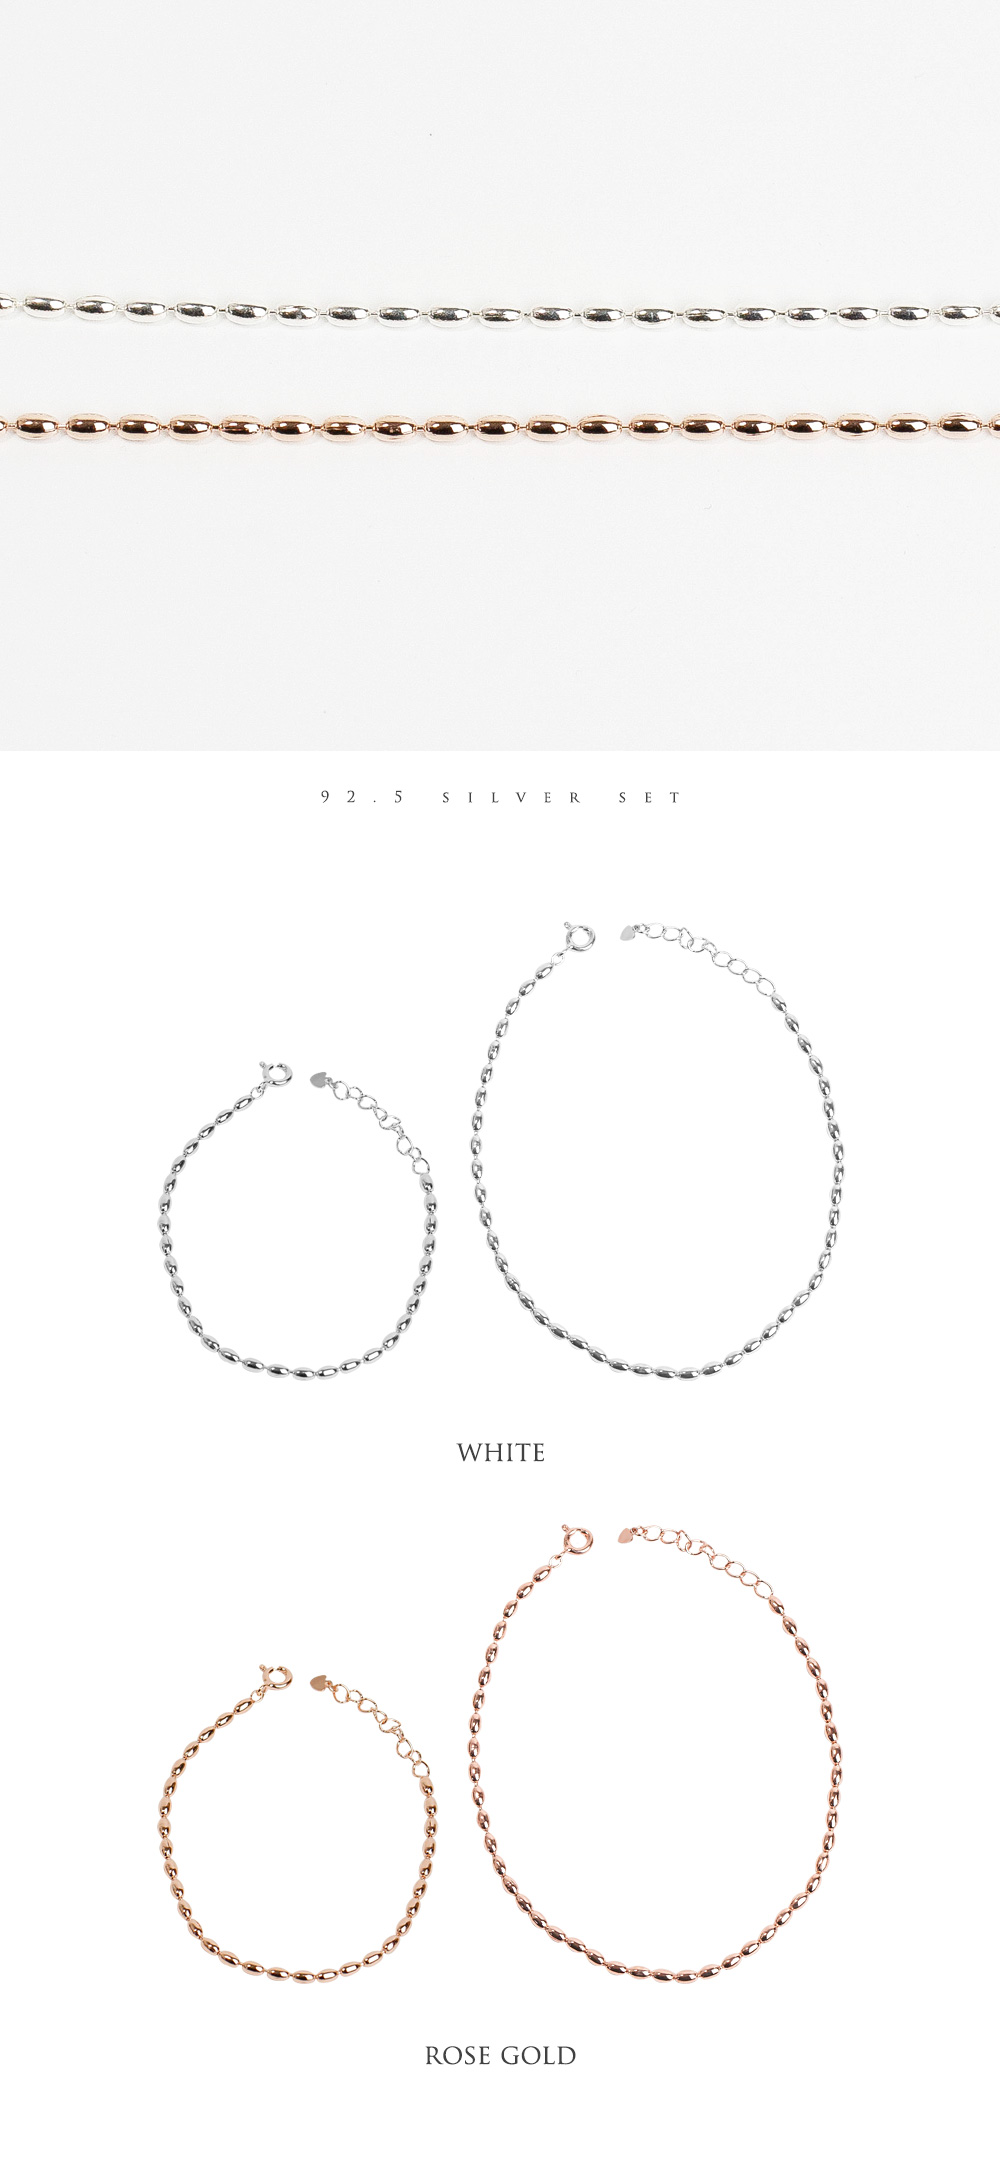 [팔찌+발찌] [실버] 세미 볼드 볼 세트 - 폭스타일, 40,000원, 주얼리세트, 실버세트